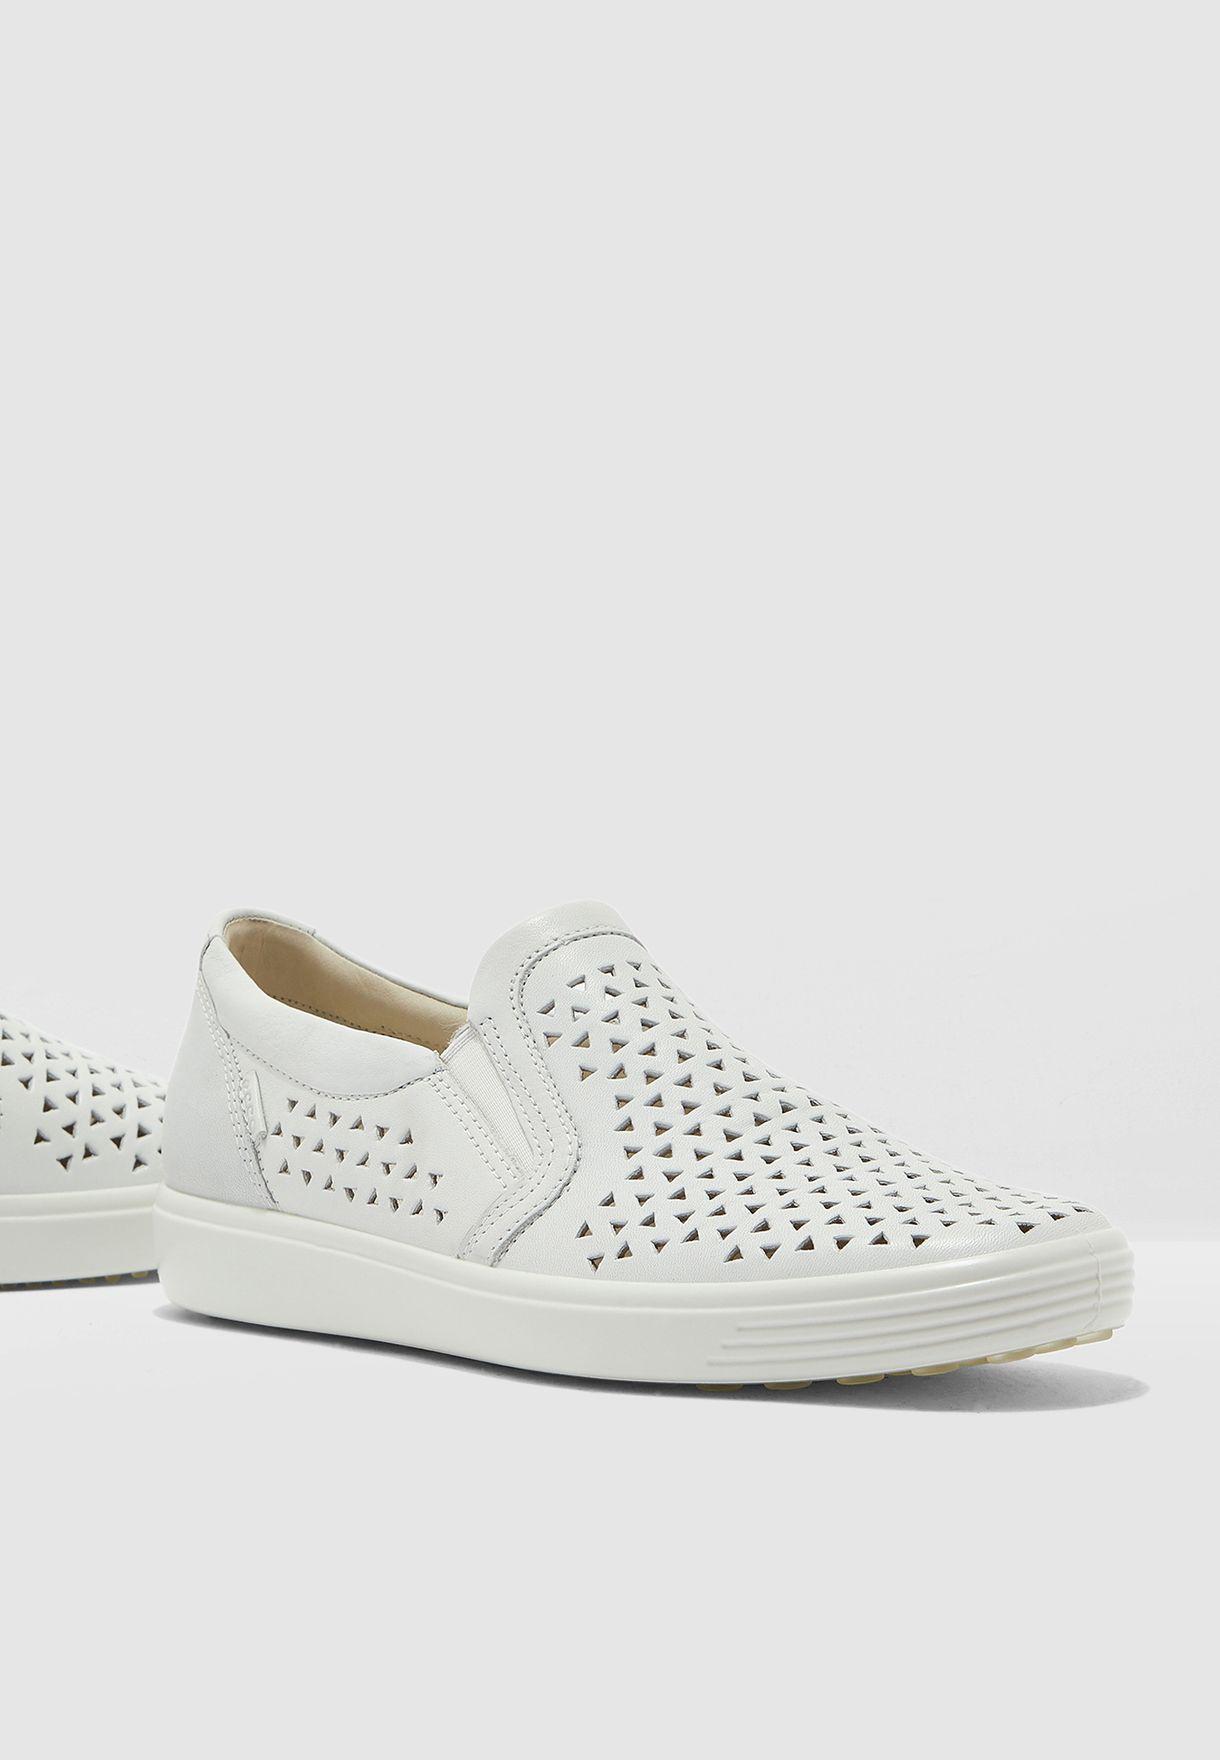 حذاء سهل الارتداء بفتحات